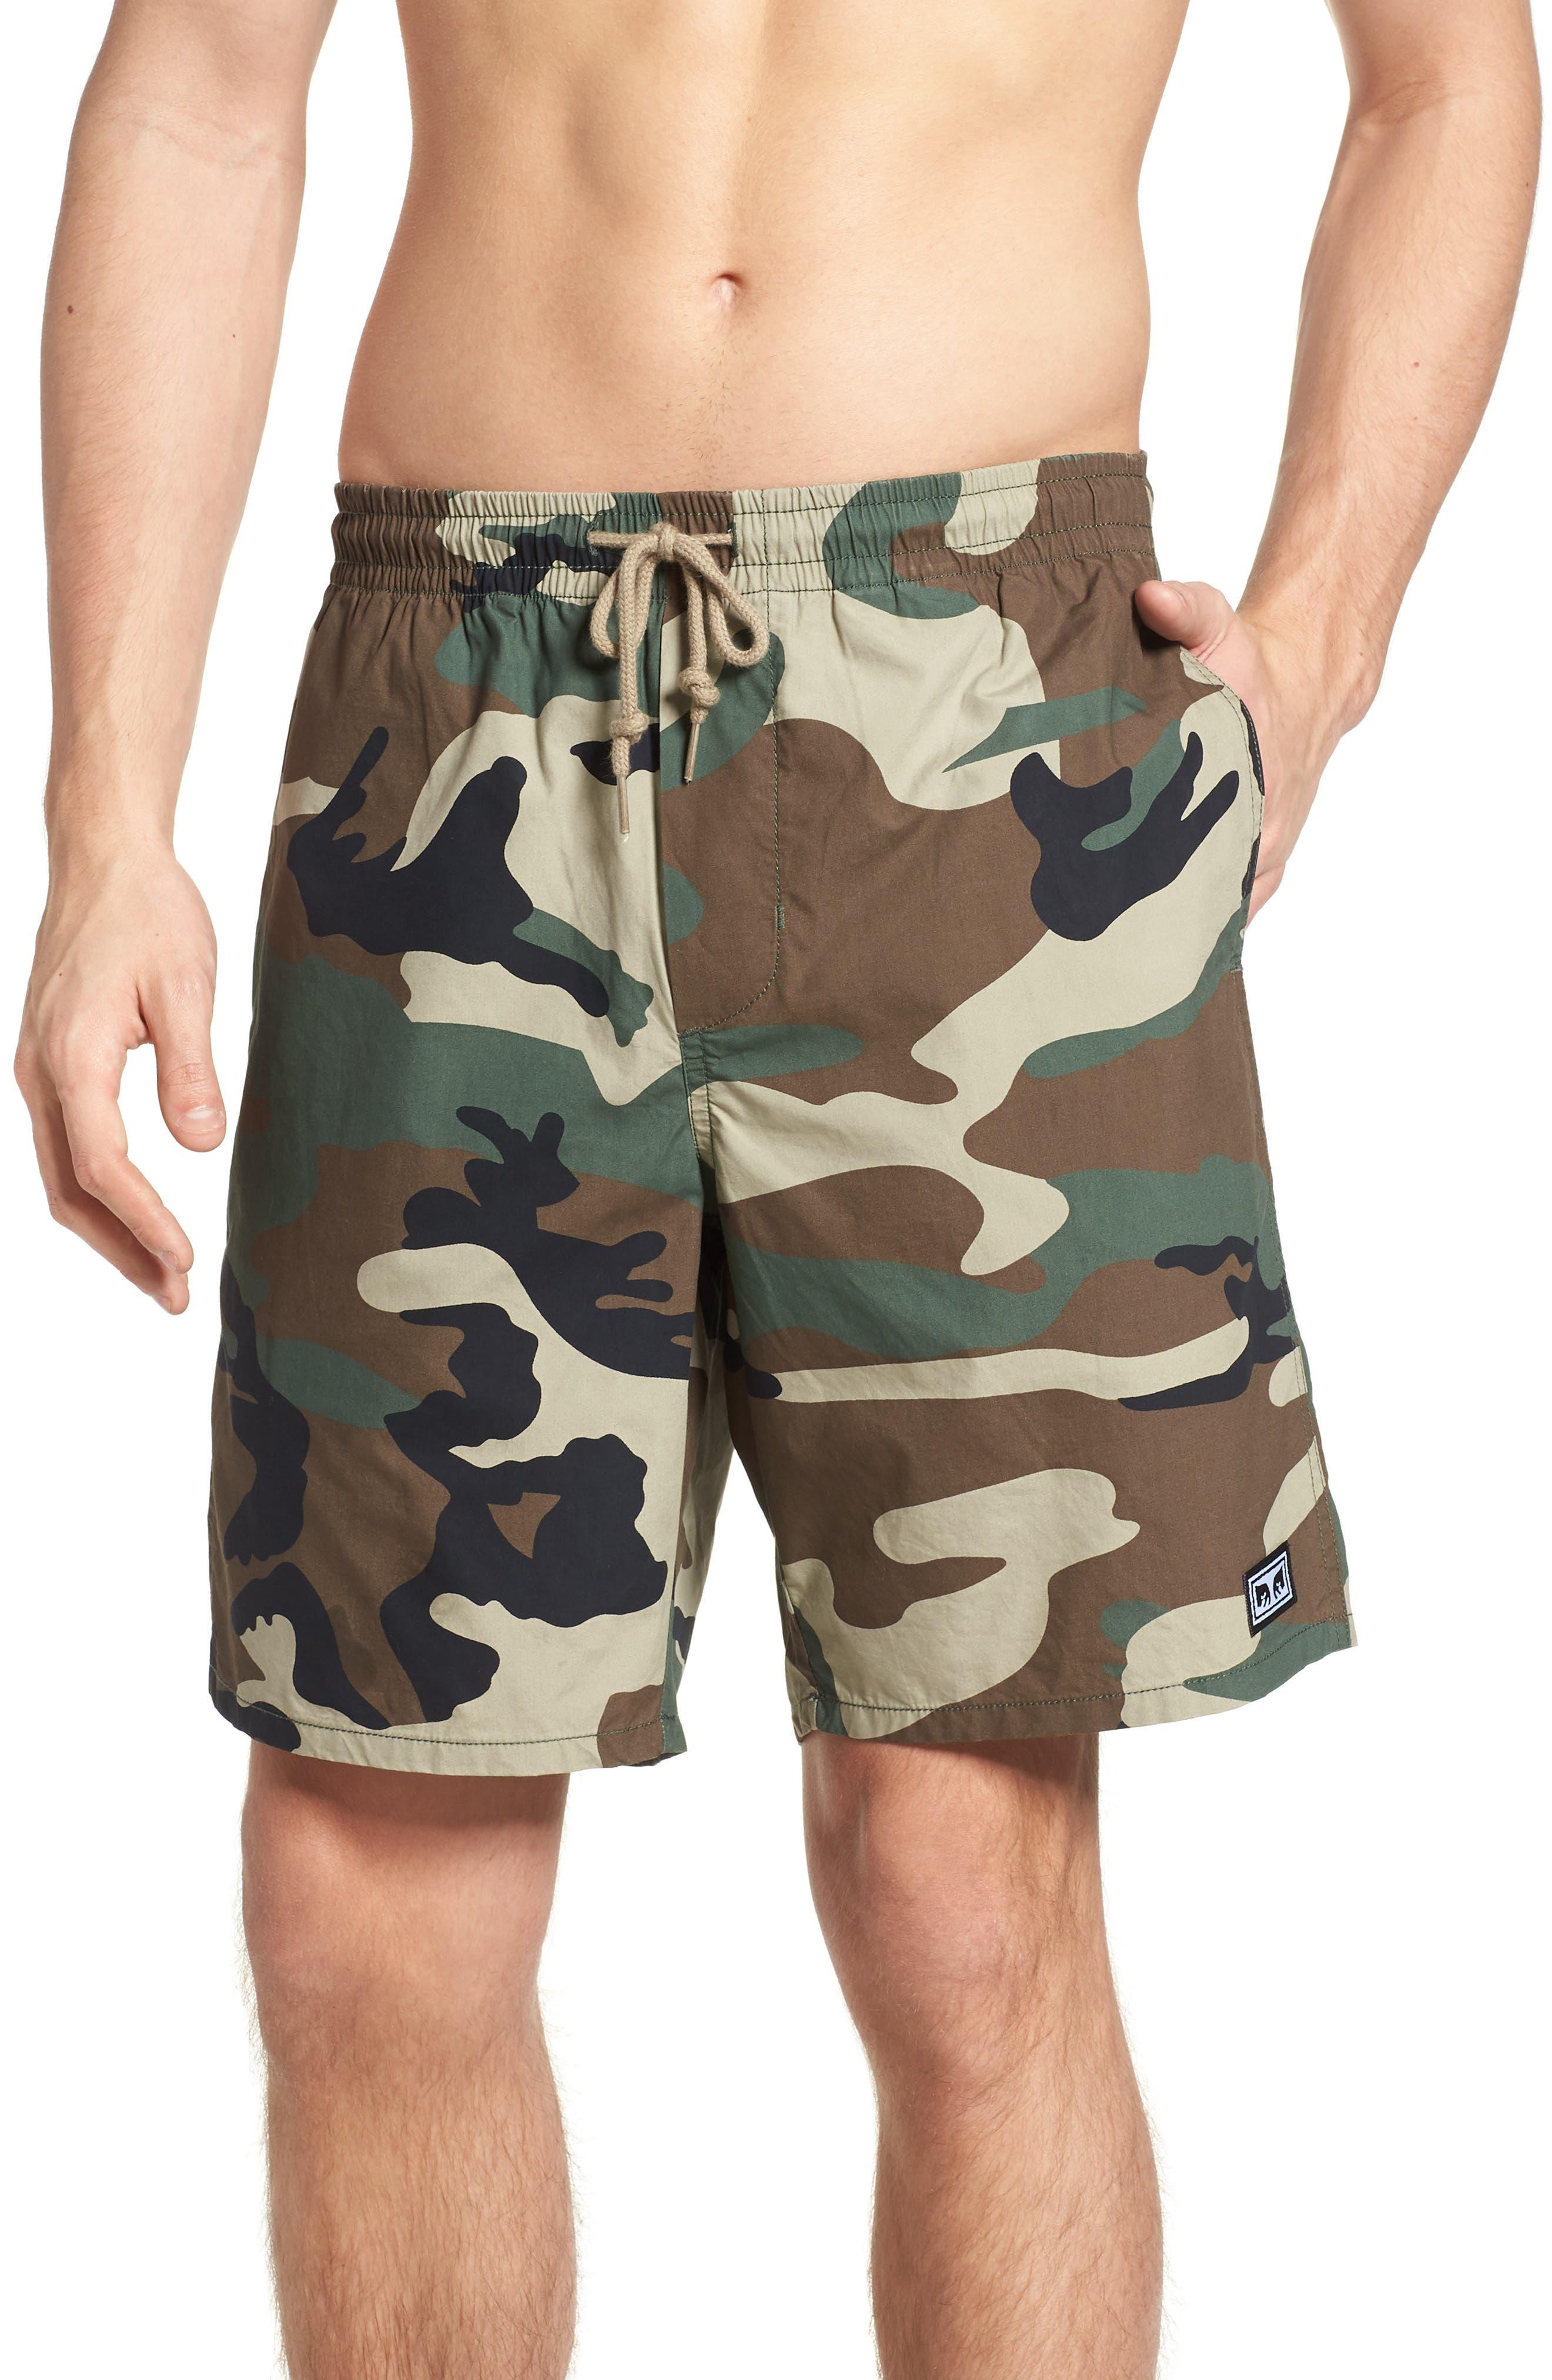 Subversion Shorts,                             Main thumbnail 1, color,                             Field Camo